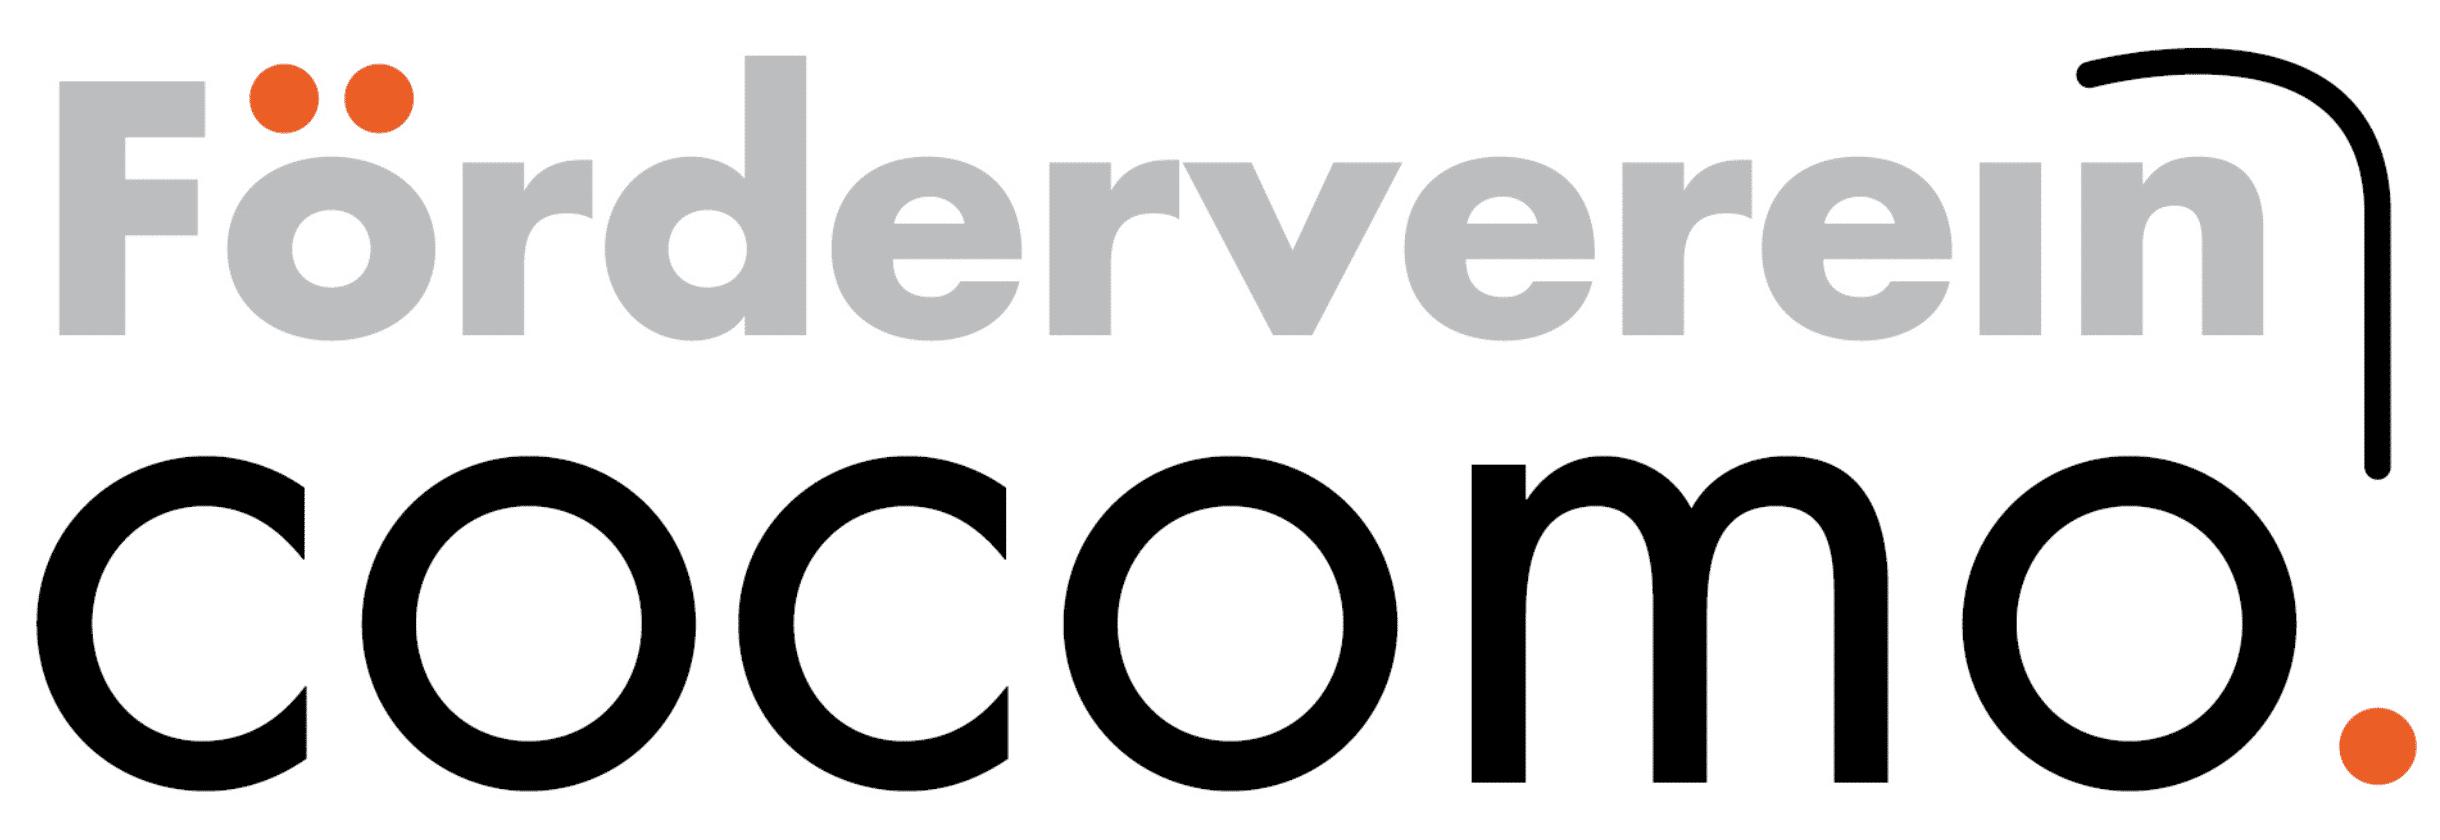 Förderverein cocomo